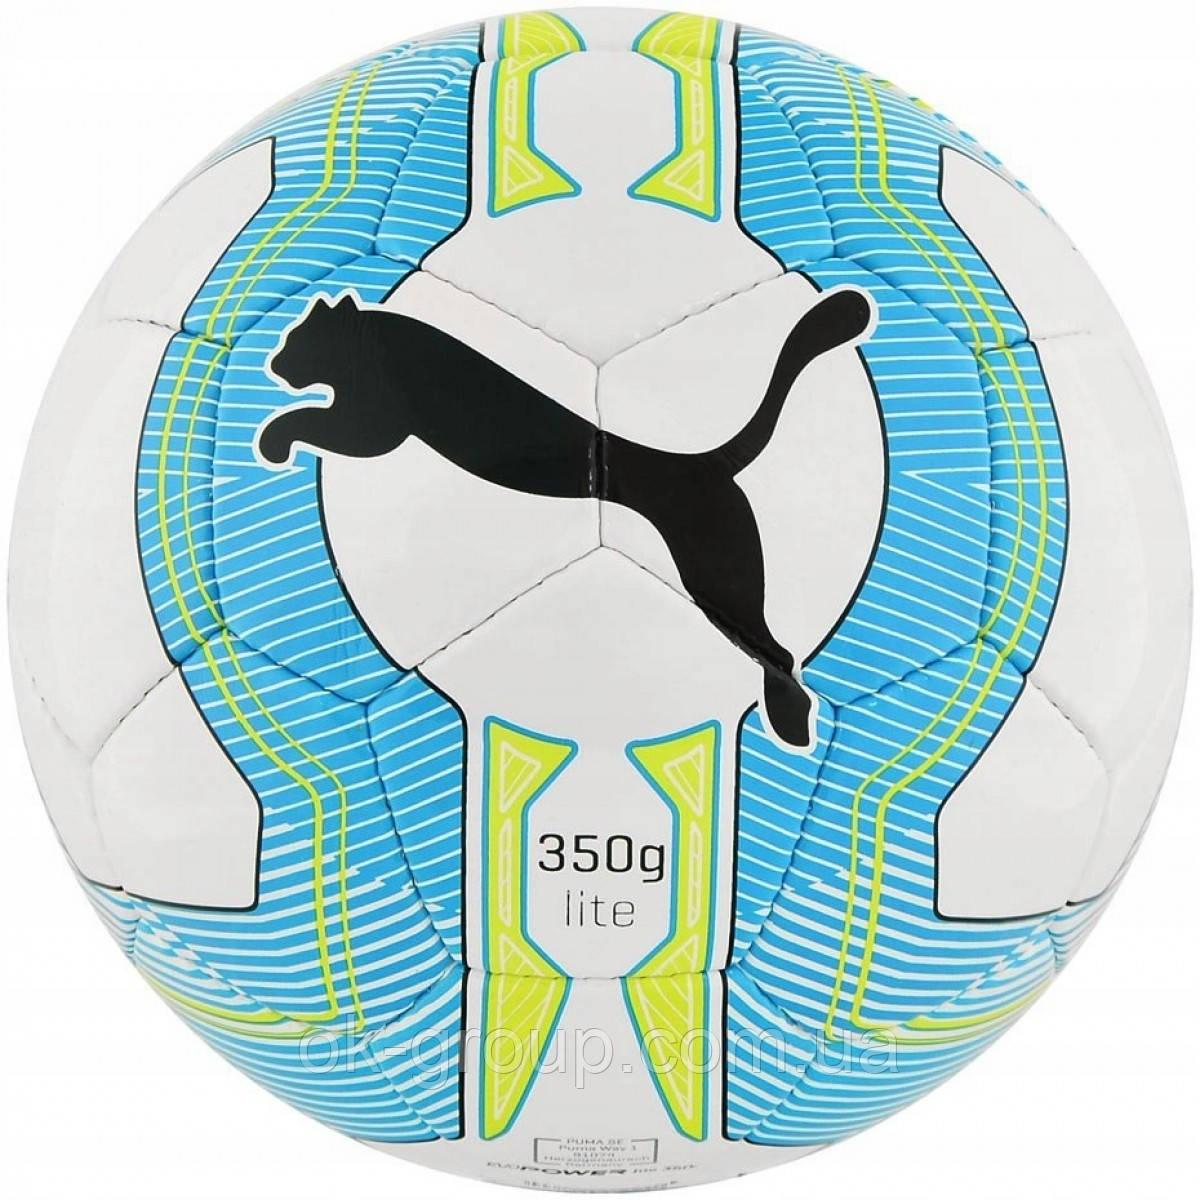 Мяч футбольный Puma Evo Power Lite 350g 82558-01 Size 5